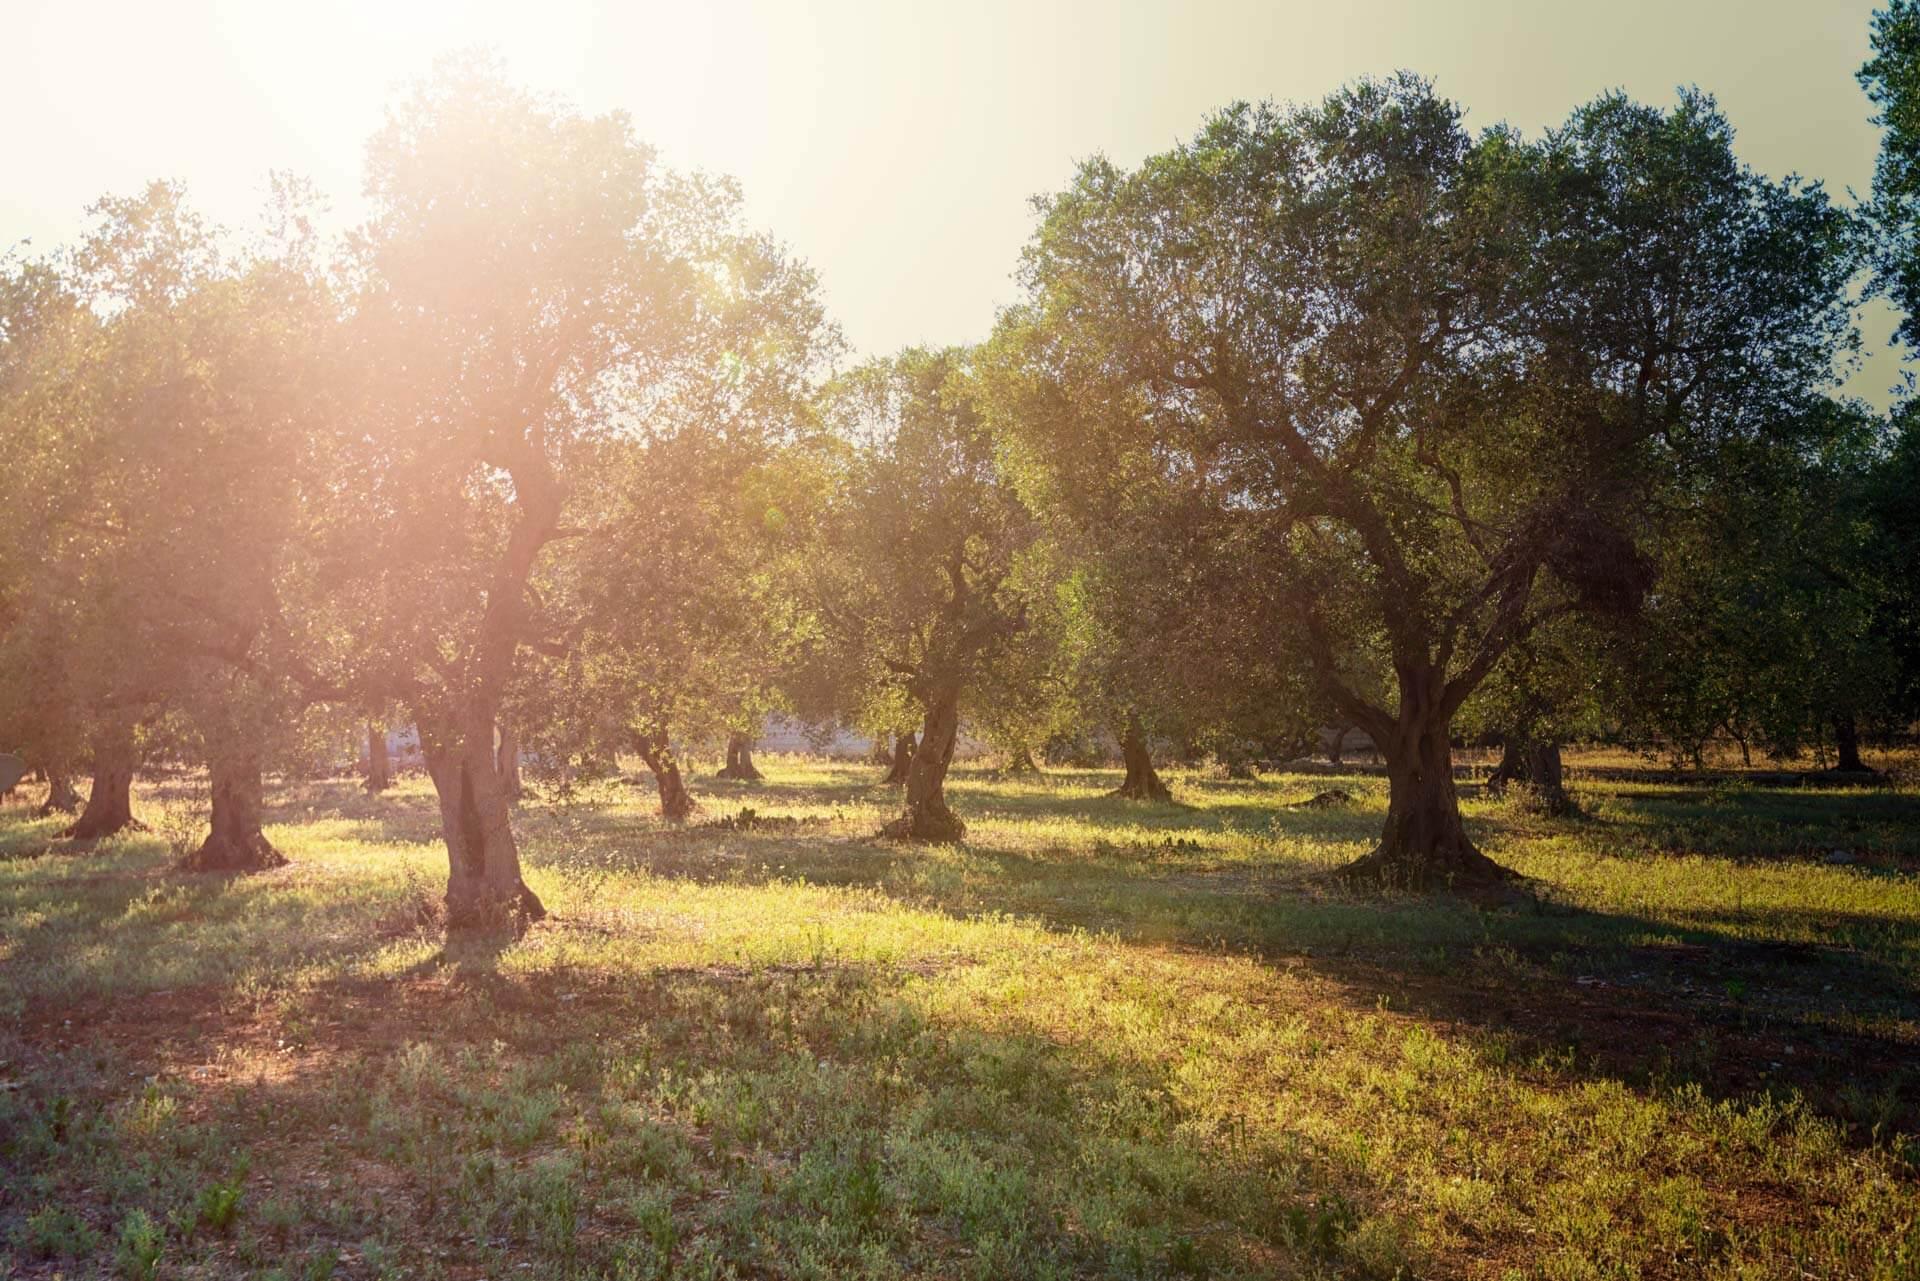 Avuliv, prodotti biologici per natura